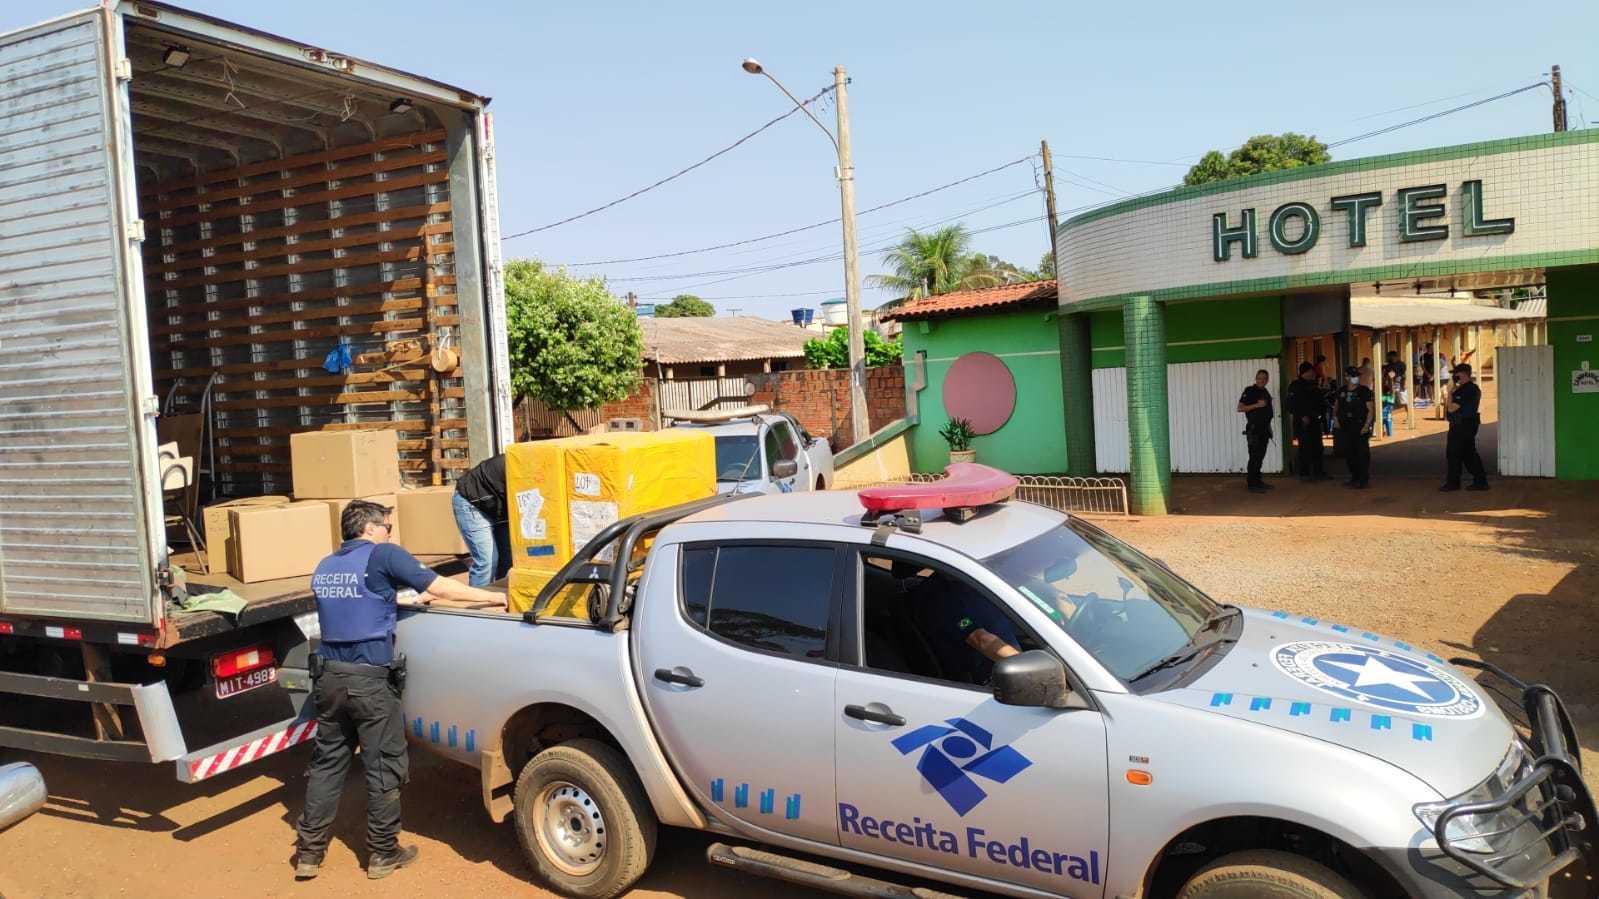 Mercadorias apreendidas em hotel de Vila Vargas são colocadas em caminhão. (Foto: Adilson Domingos)